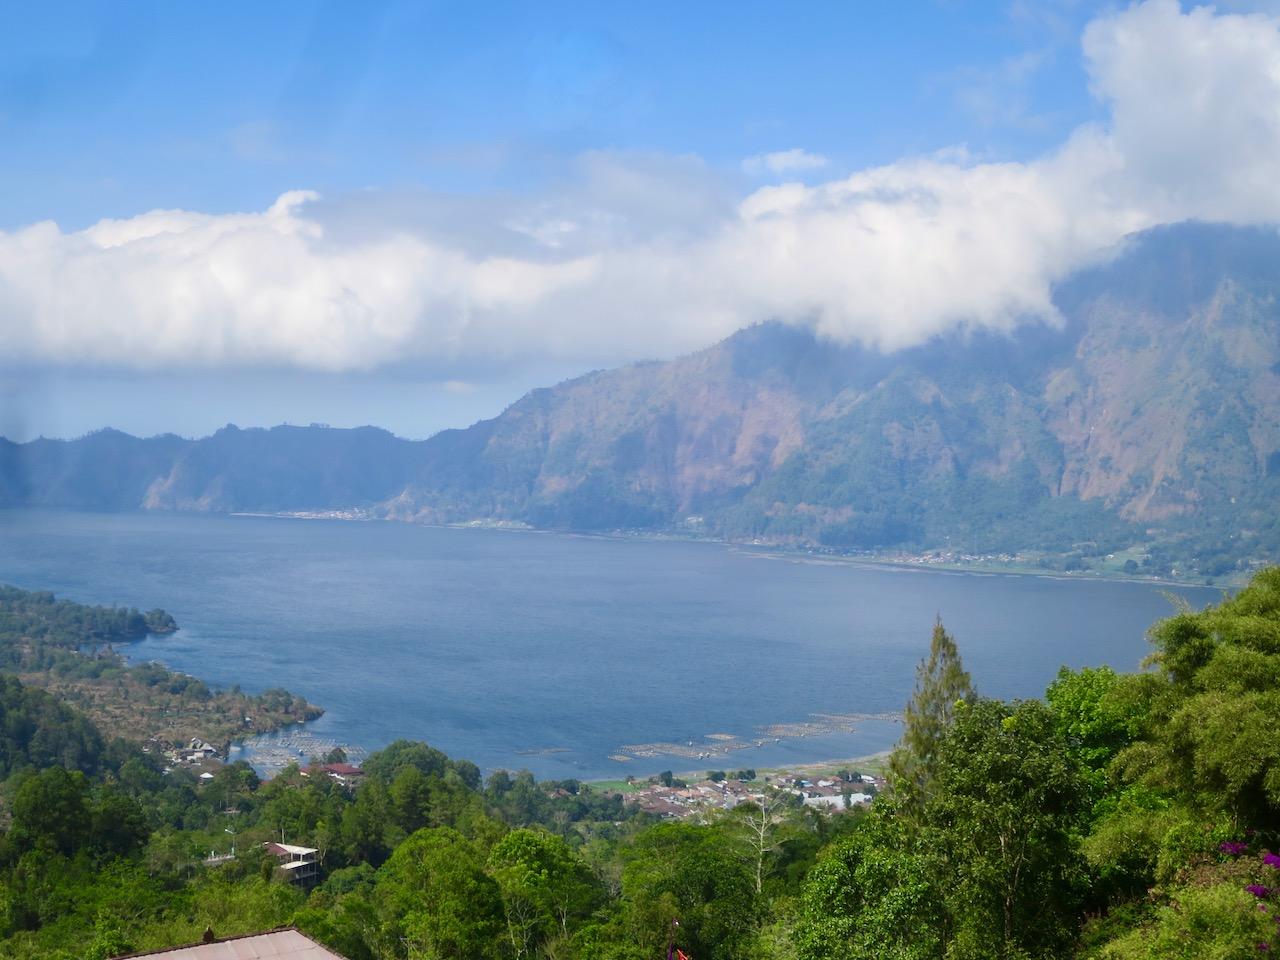 Paisagem de lago e montanha em Bali